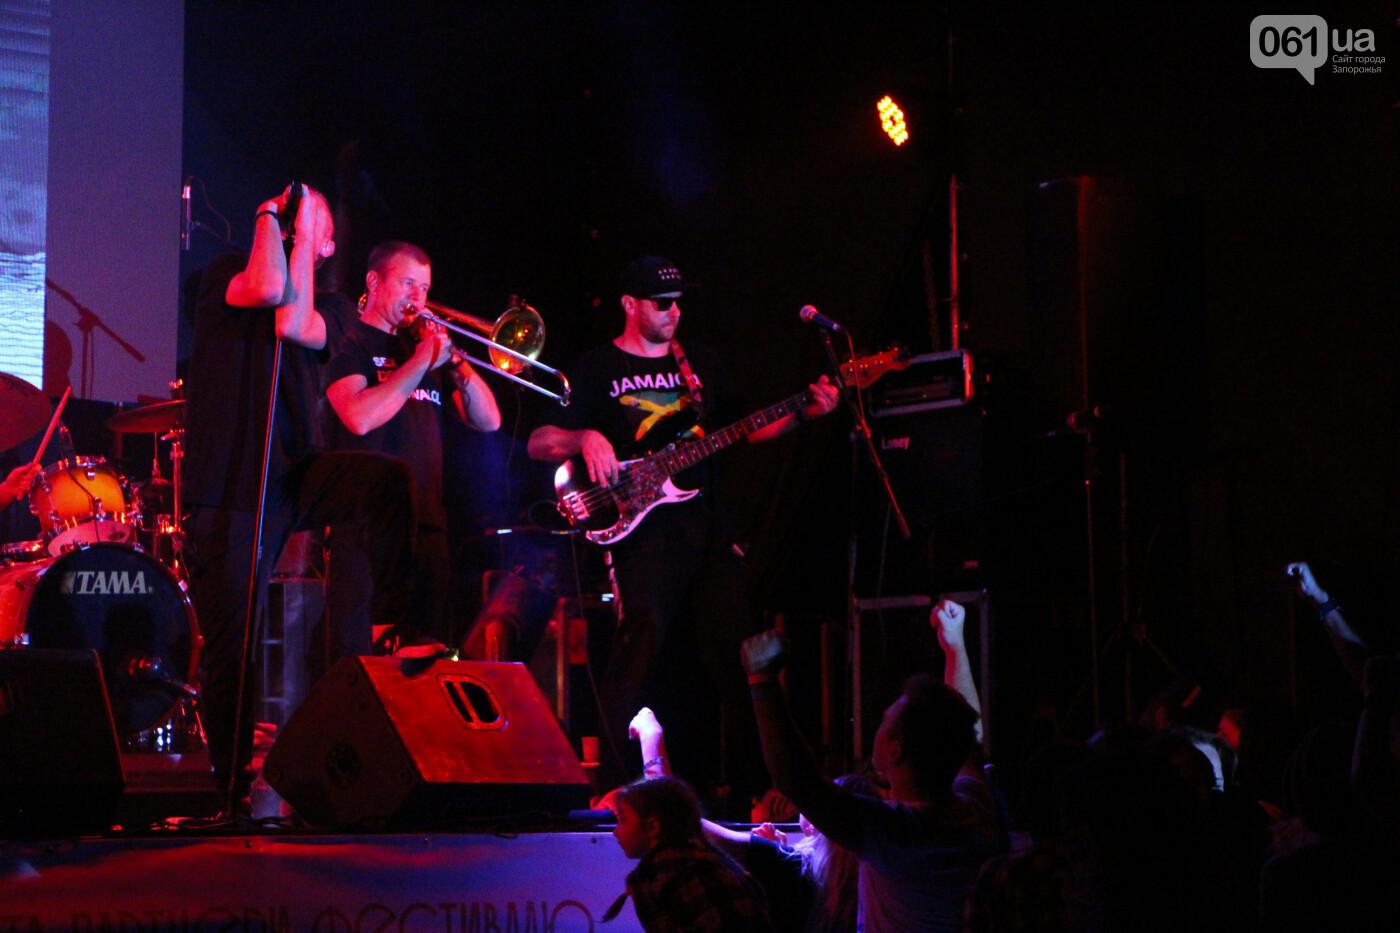 Концерт группы «Жадан і Собаки» собрал сотни запорожцев: как это было, - ФОТОРЕПОРТАЖ, фото-26